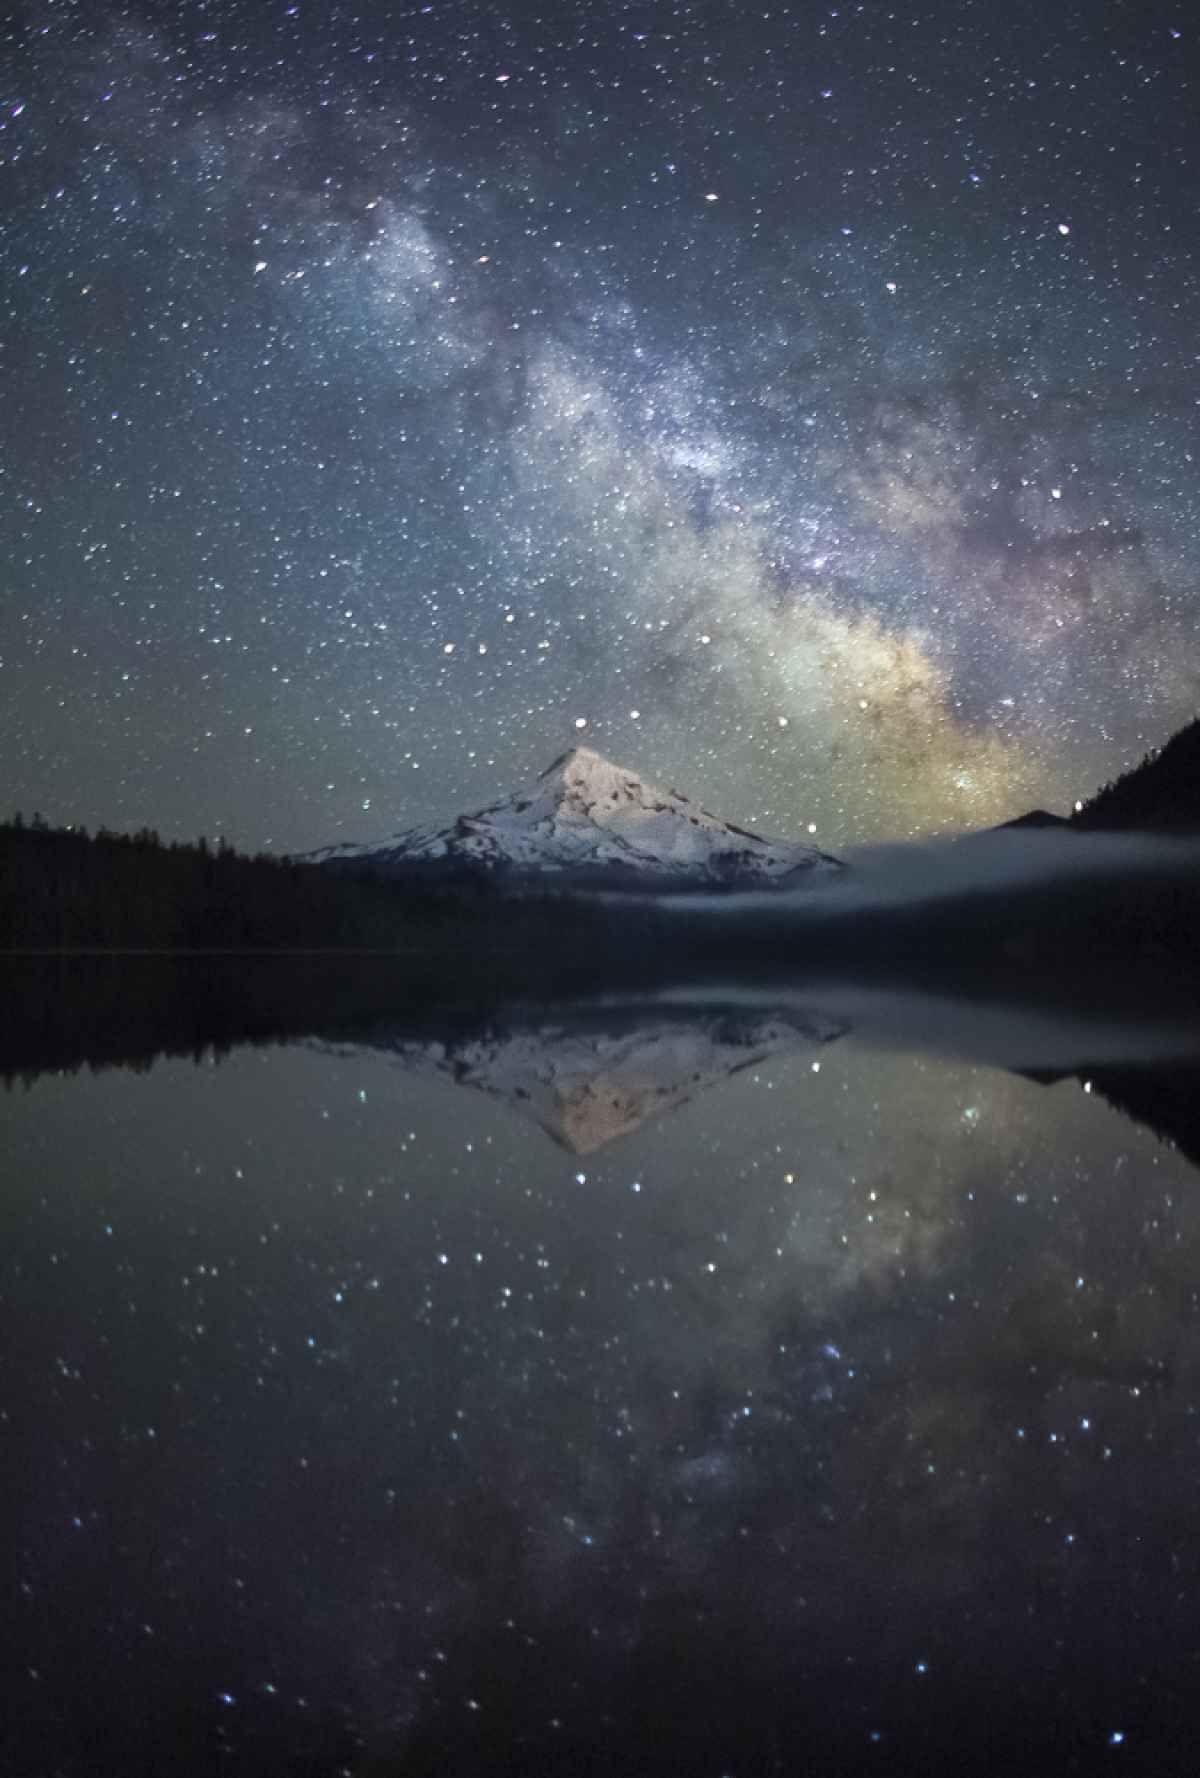 How To Shoot Epic Landscape Photos Of The Night Sky Fondos De